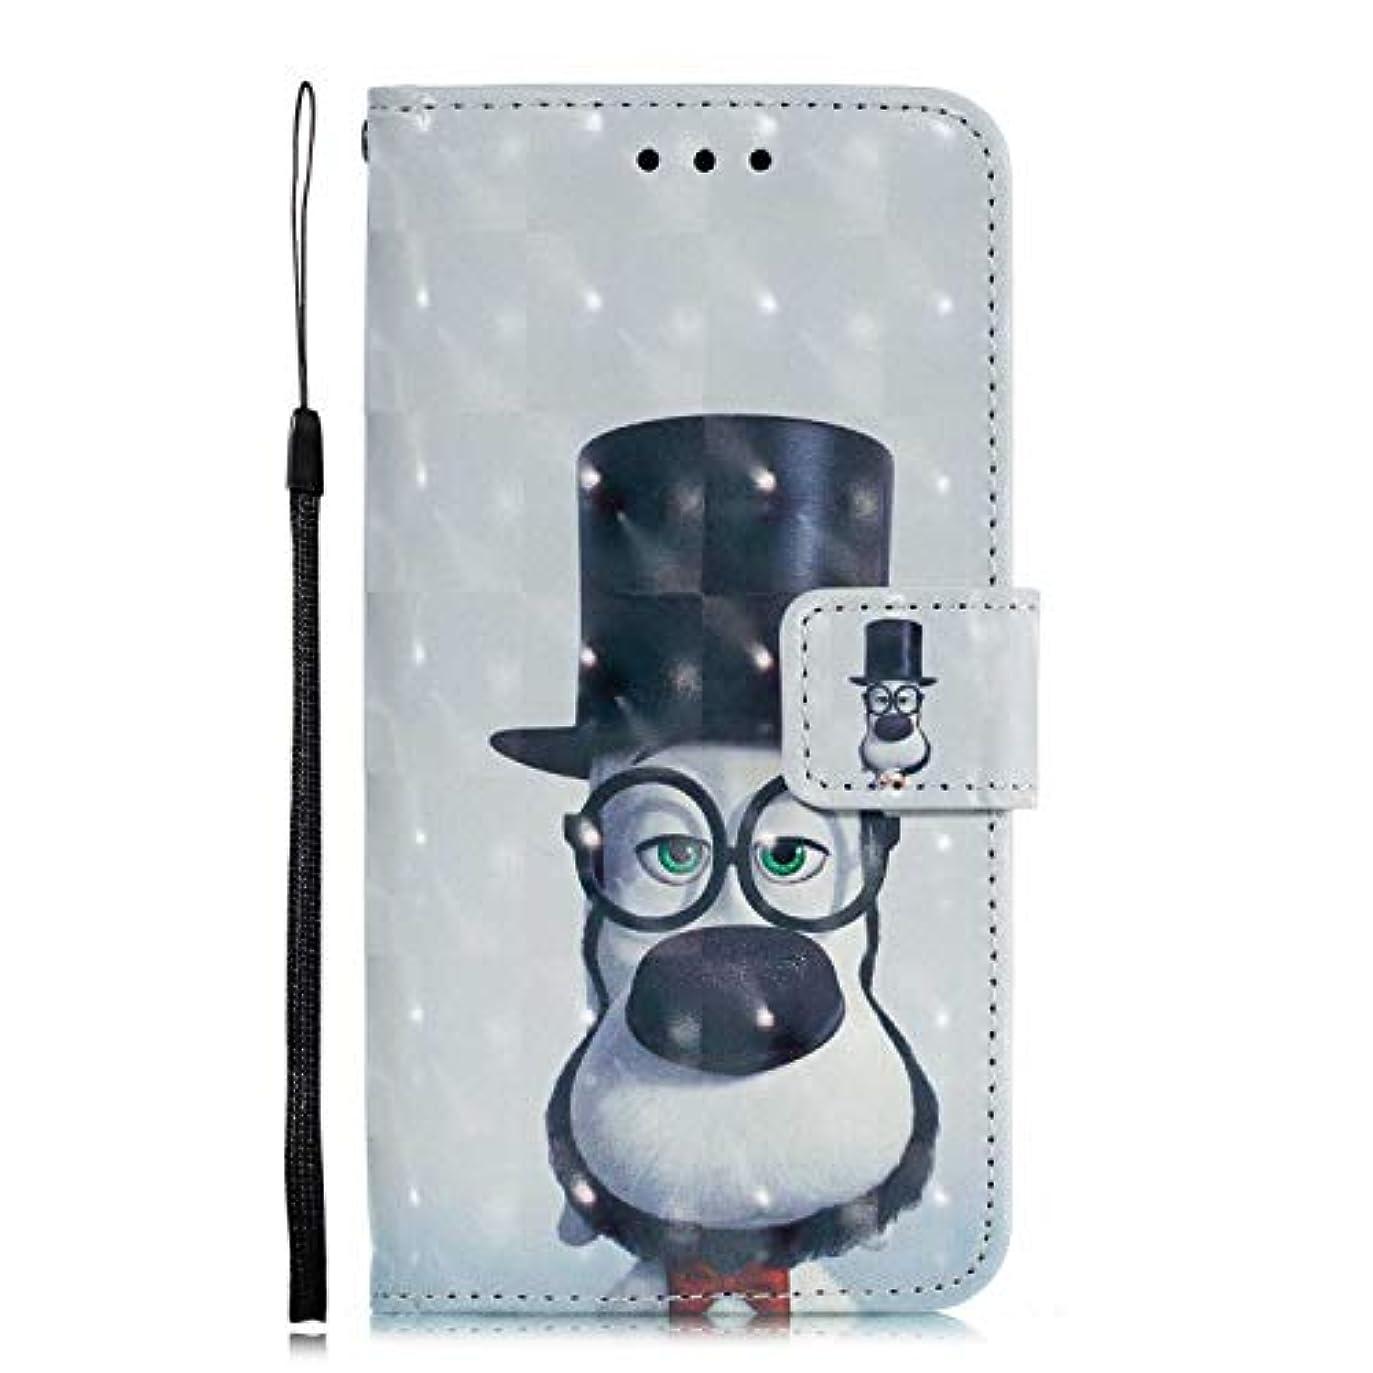 機密ペルーはずOMATENTI Galaxy S9 ケース, ファッション良質 PU レザー 財布型 ケース 薄型 人気 新製品 衝撃吸収 全面保護 スマホケース, 付きスタンド機能, カードホルダー機能 ストラップ付き Galaxy...